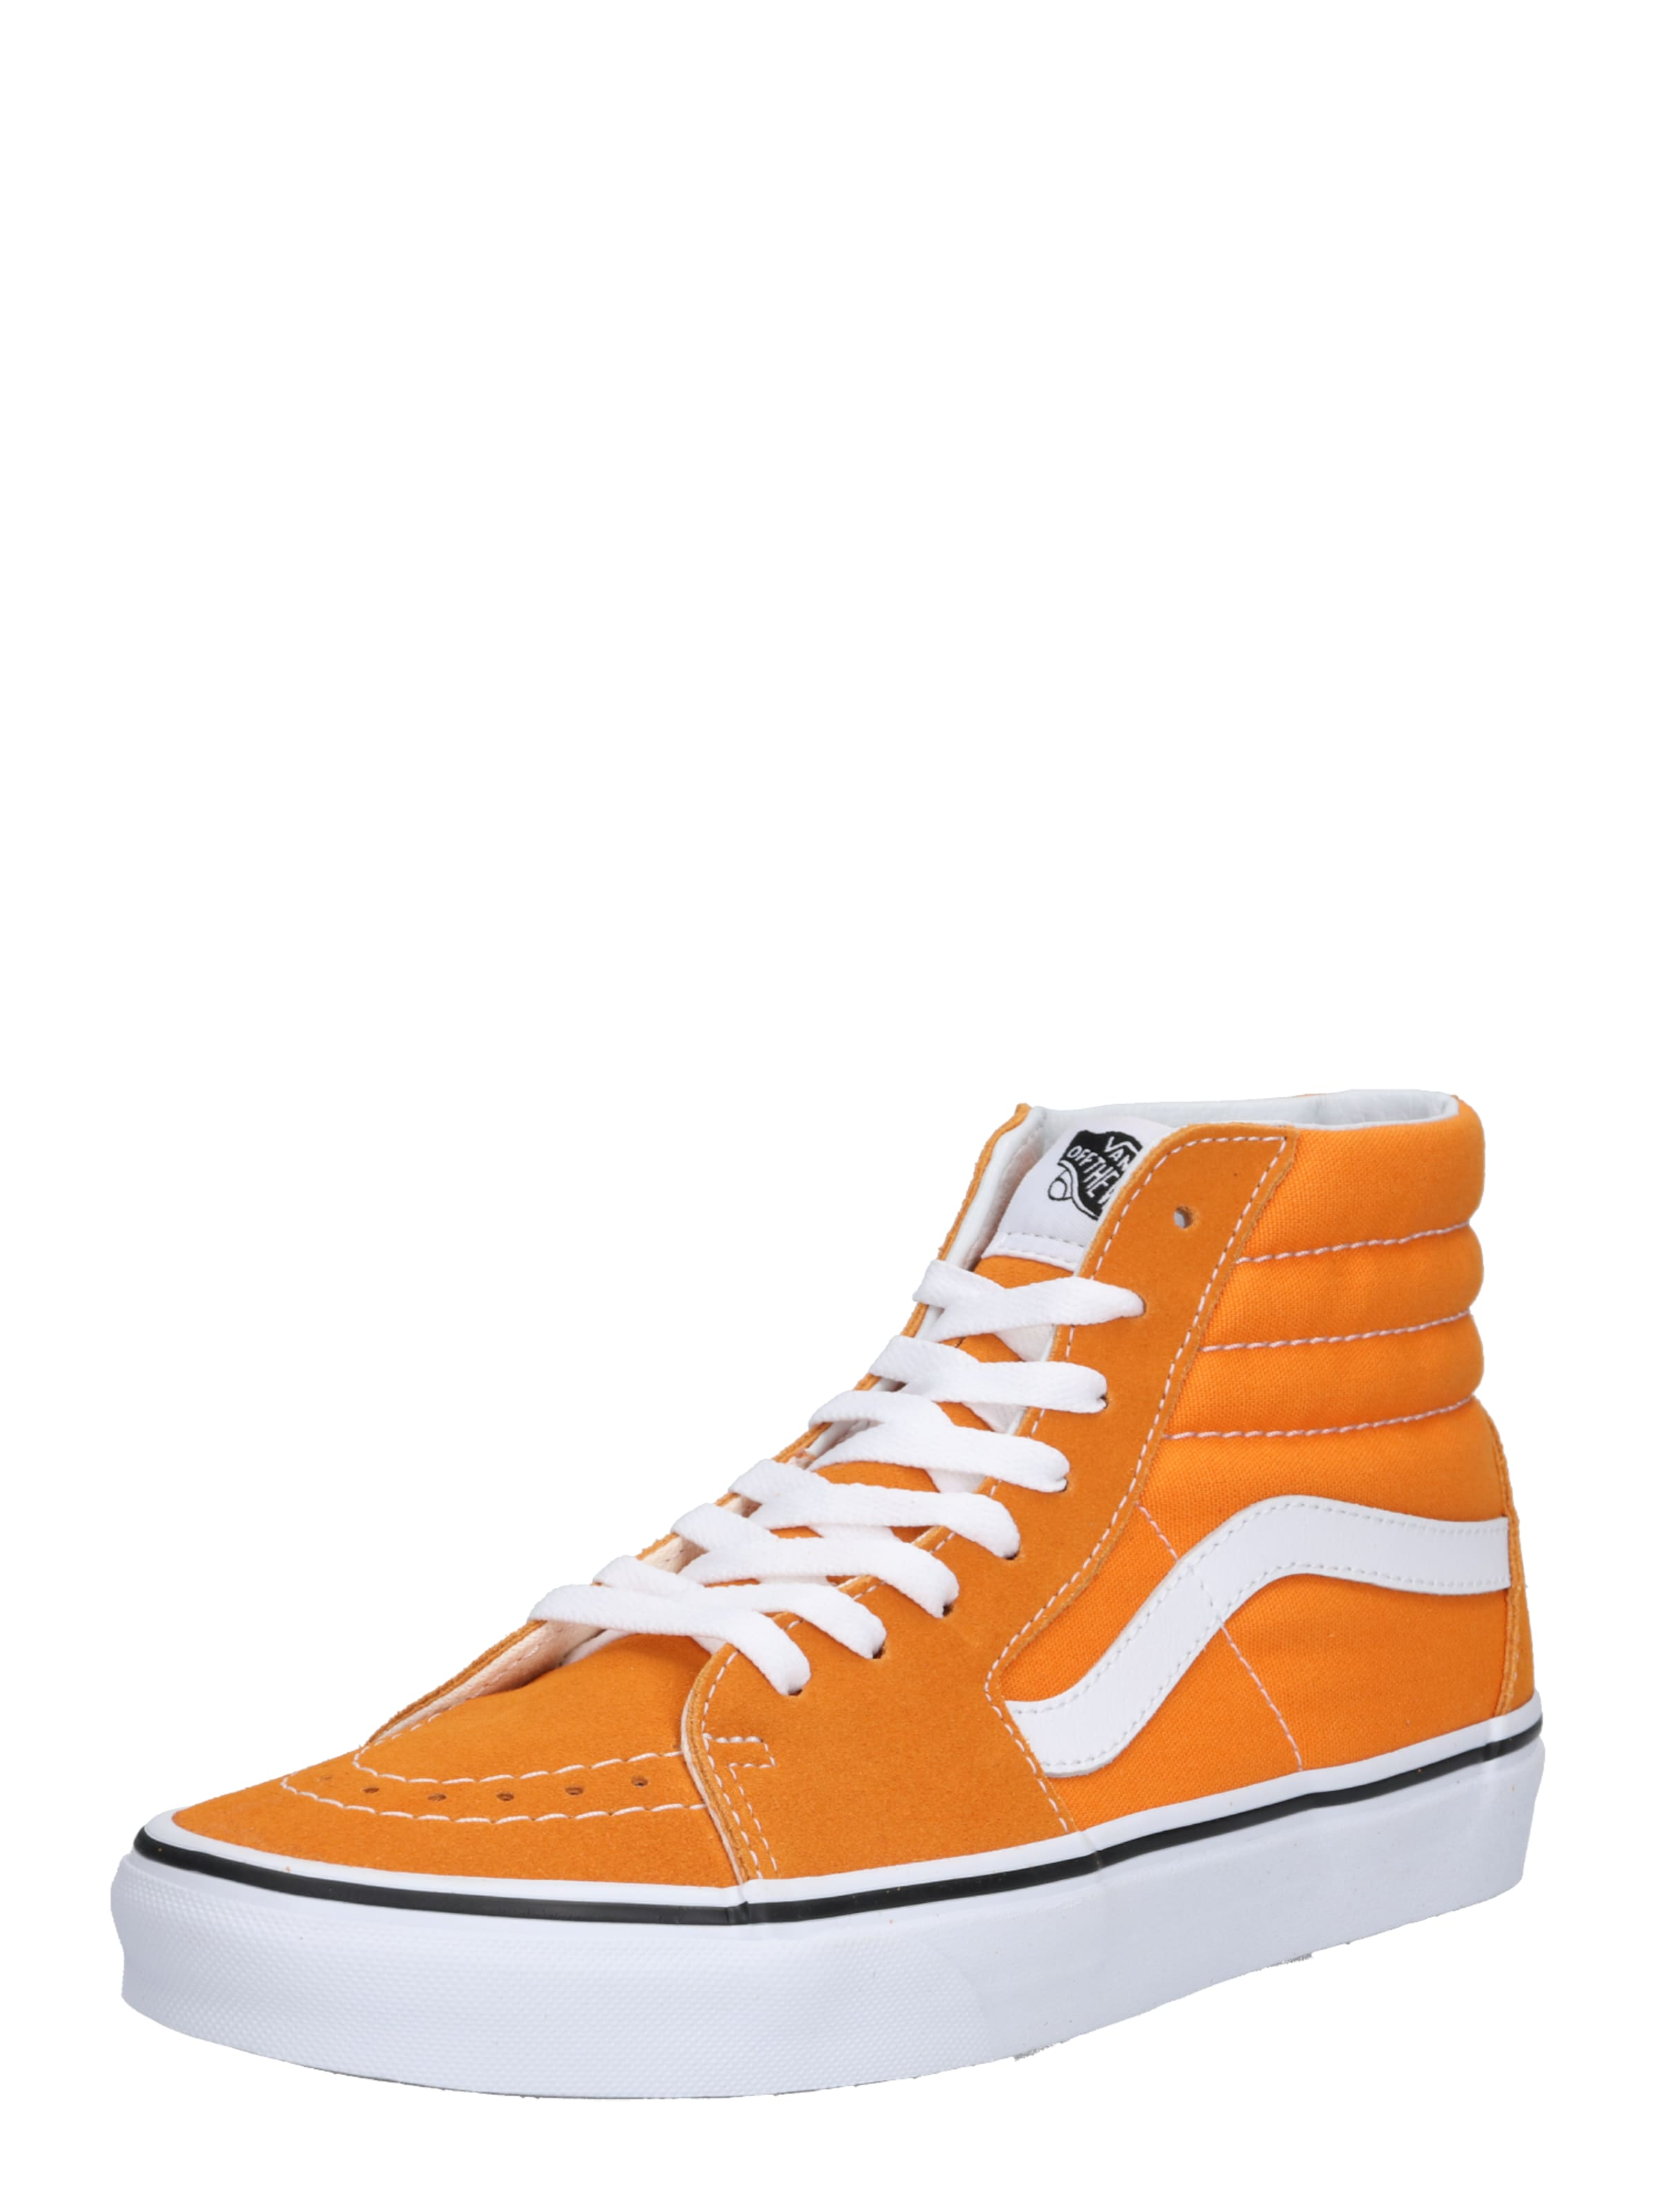 Baskets En Vans Vans OrangeBlanc Hautes En Baskets Vans En Hautes Hautes Baskets OrangeBlanc l1JcTK3F